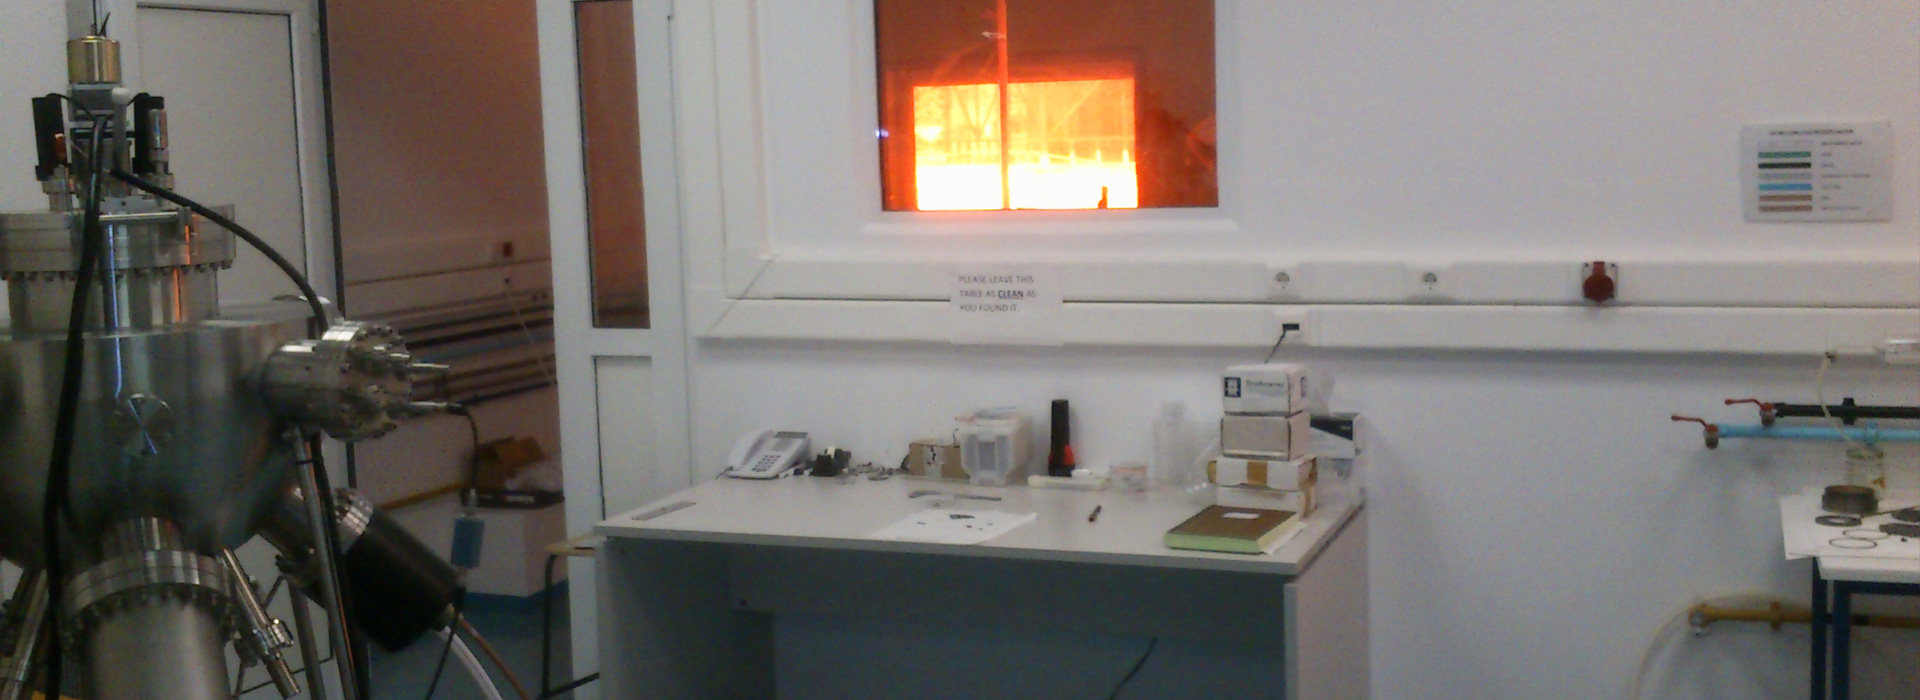 Laboratory of Advanced Materials and Micro/Nano Devices